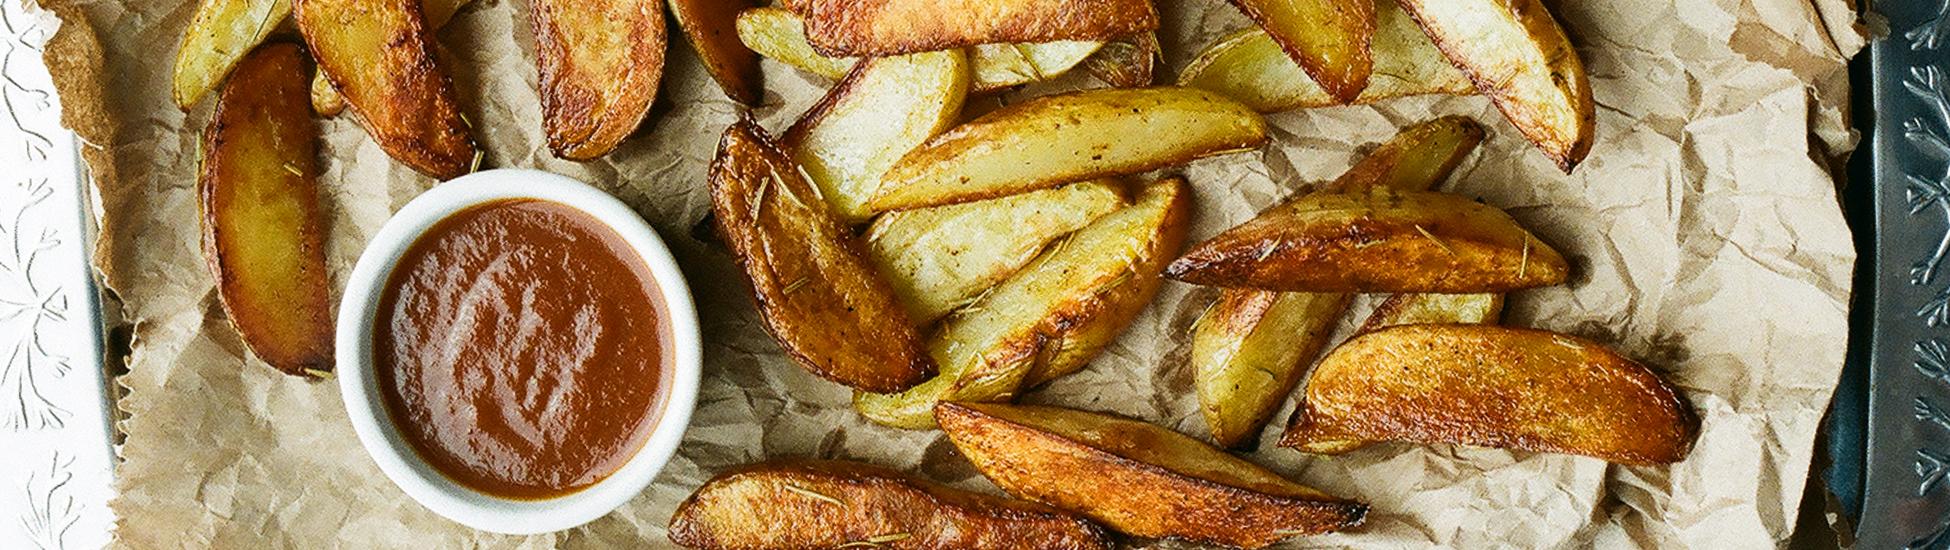 batatas-assadas-destaque